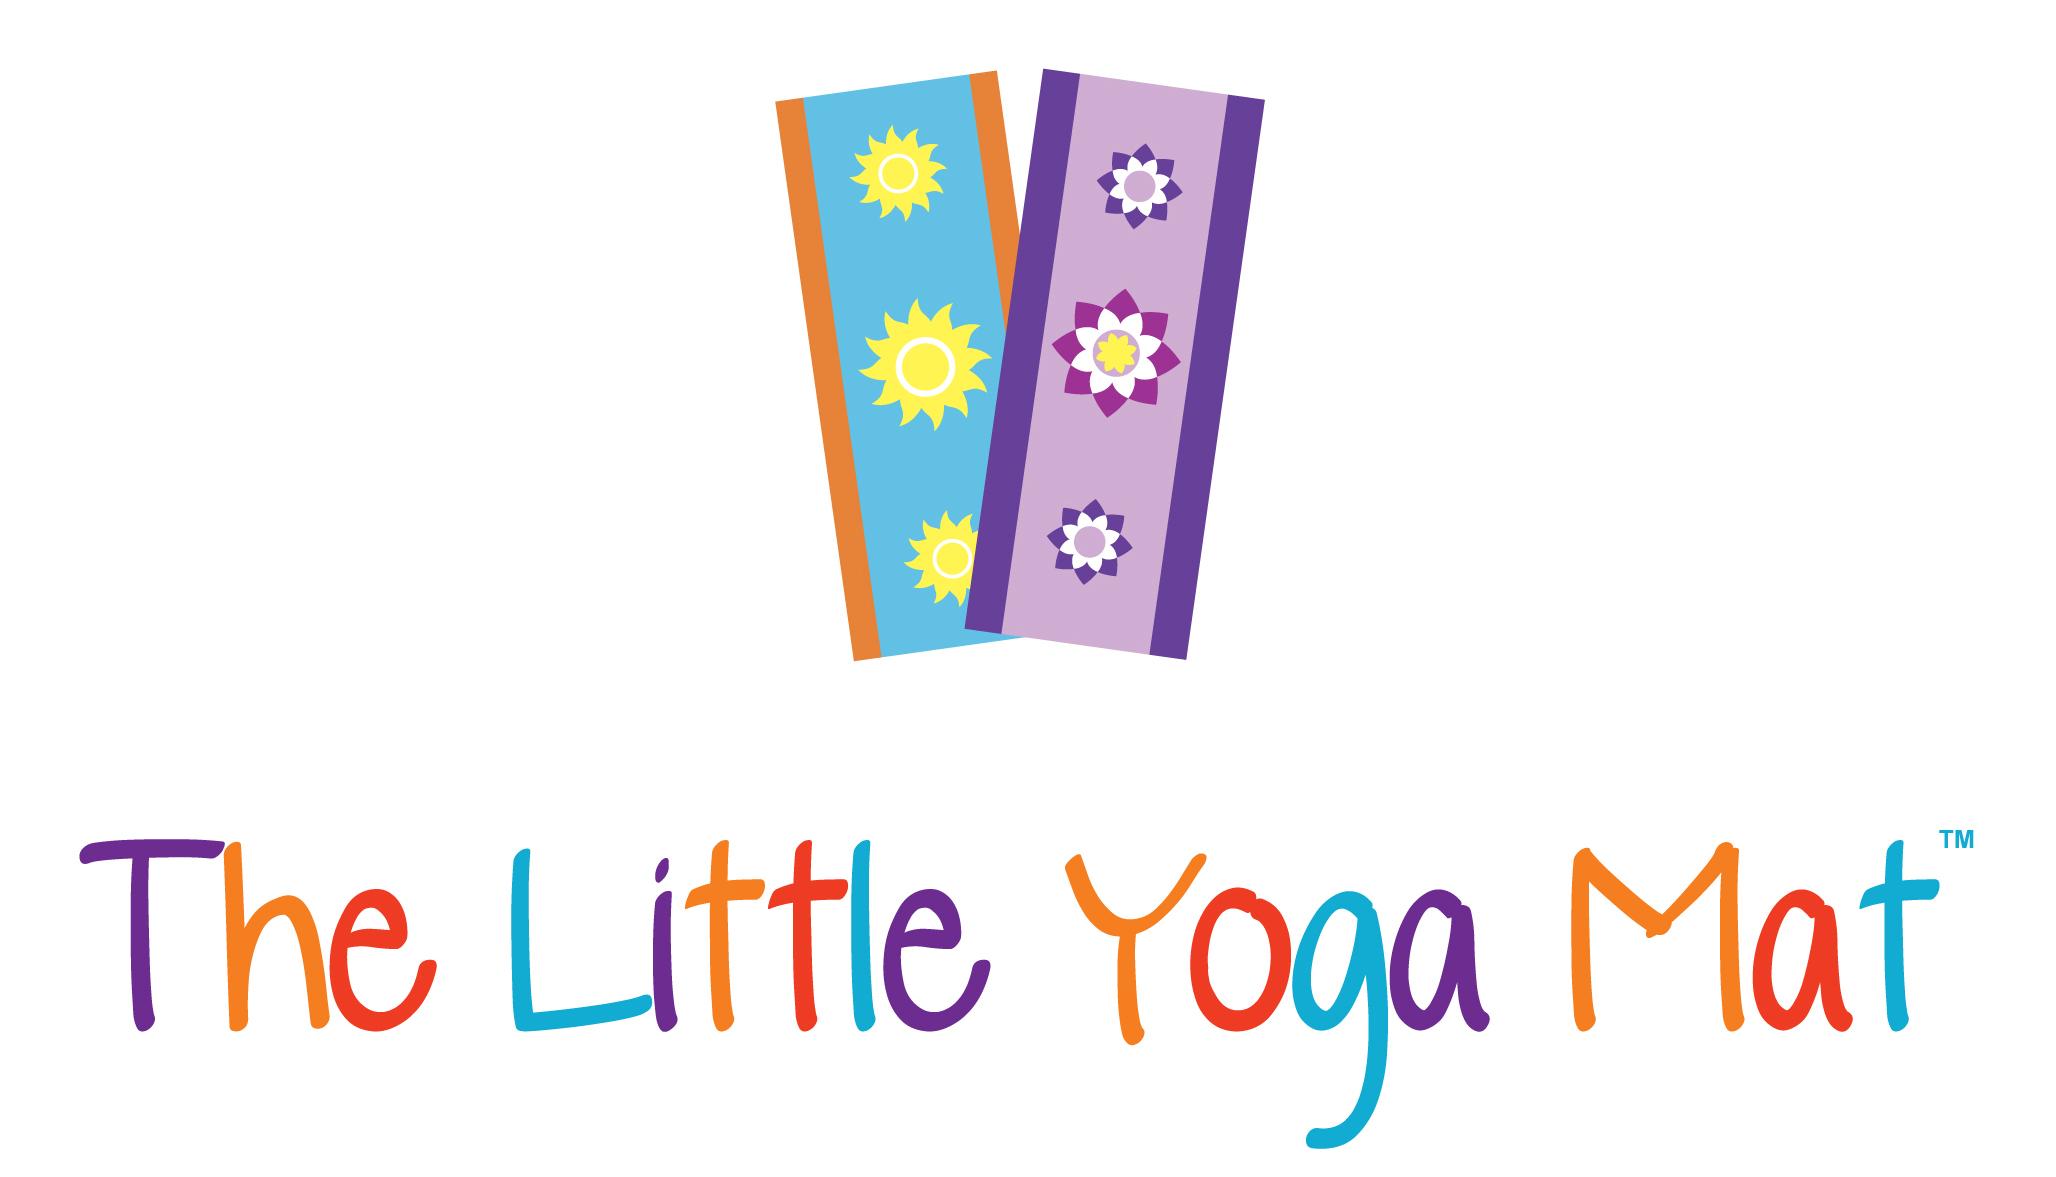 the-little-yoga-mat-logo.jpg